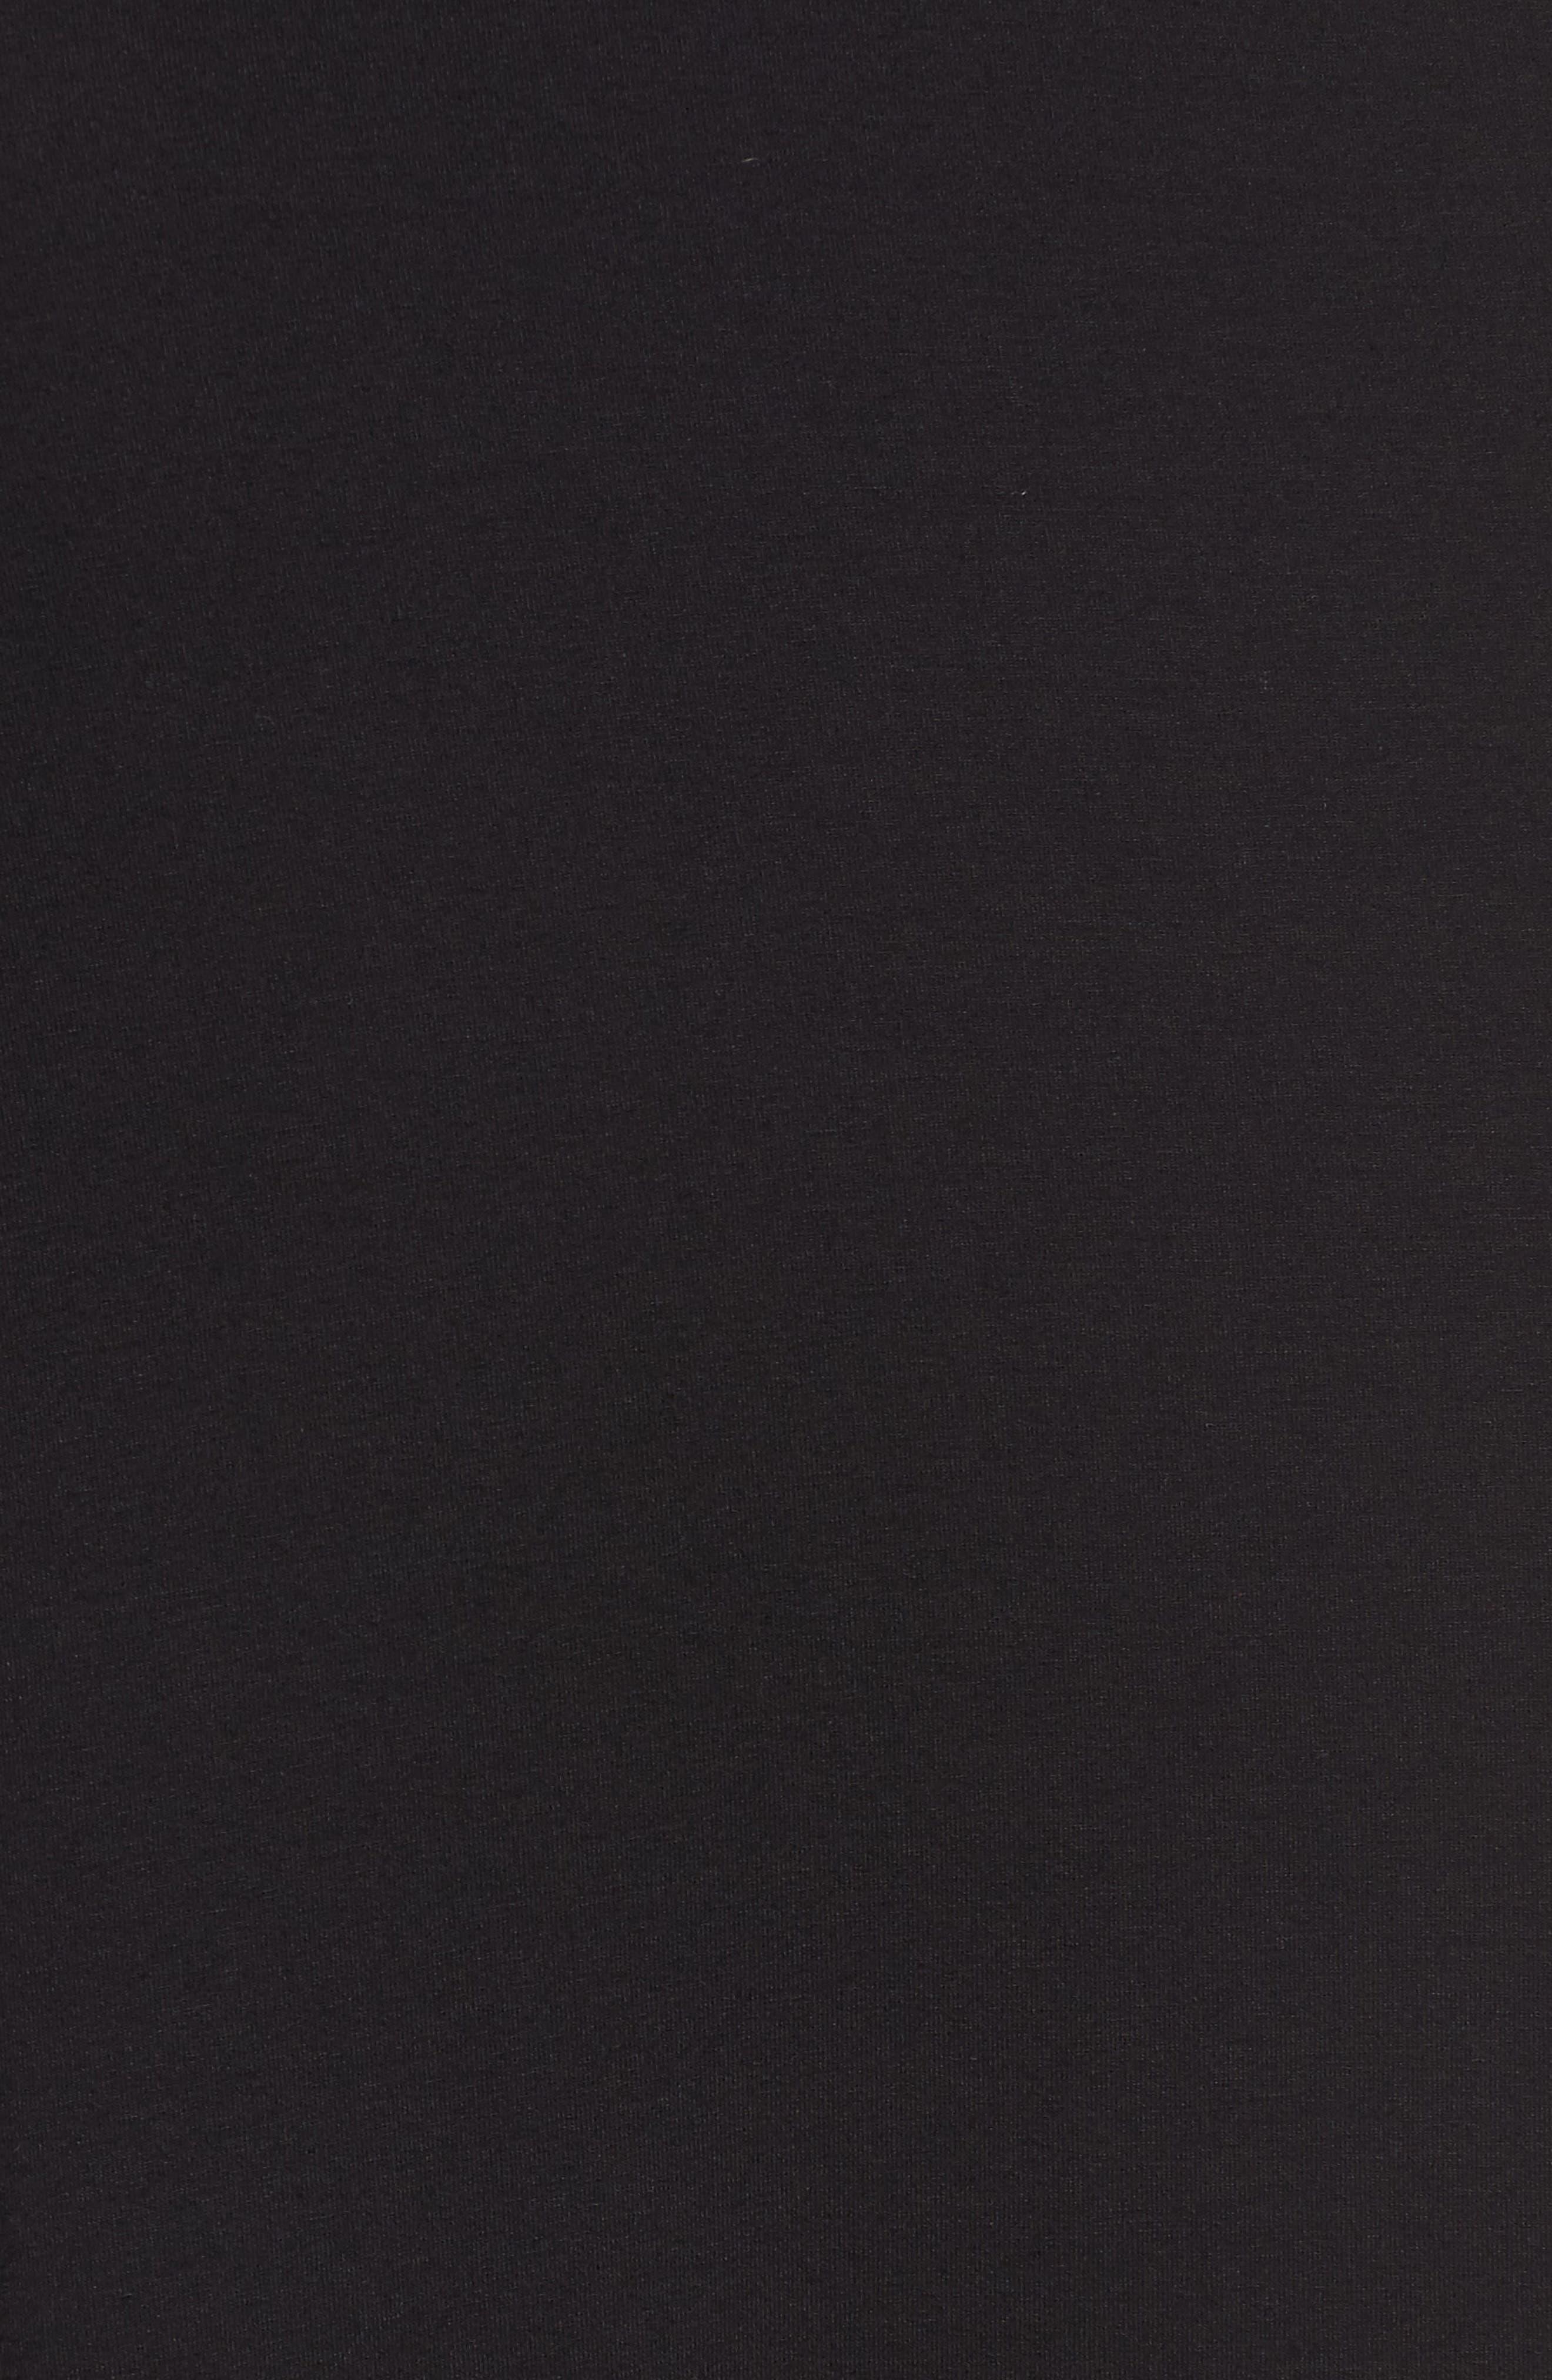 Flared Knit Skirt,                             Alternate thumbnail 5, color,                             Black